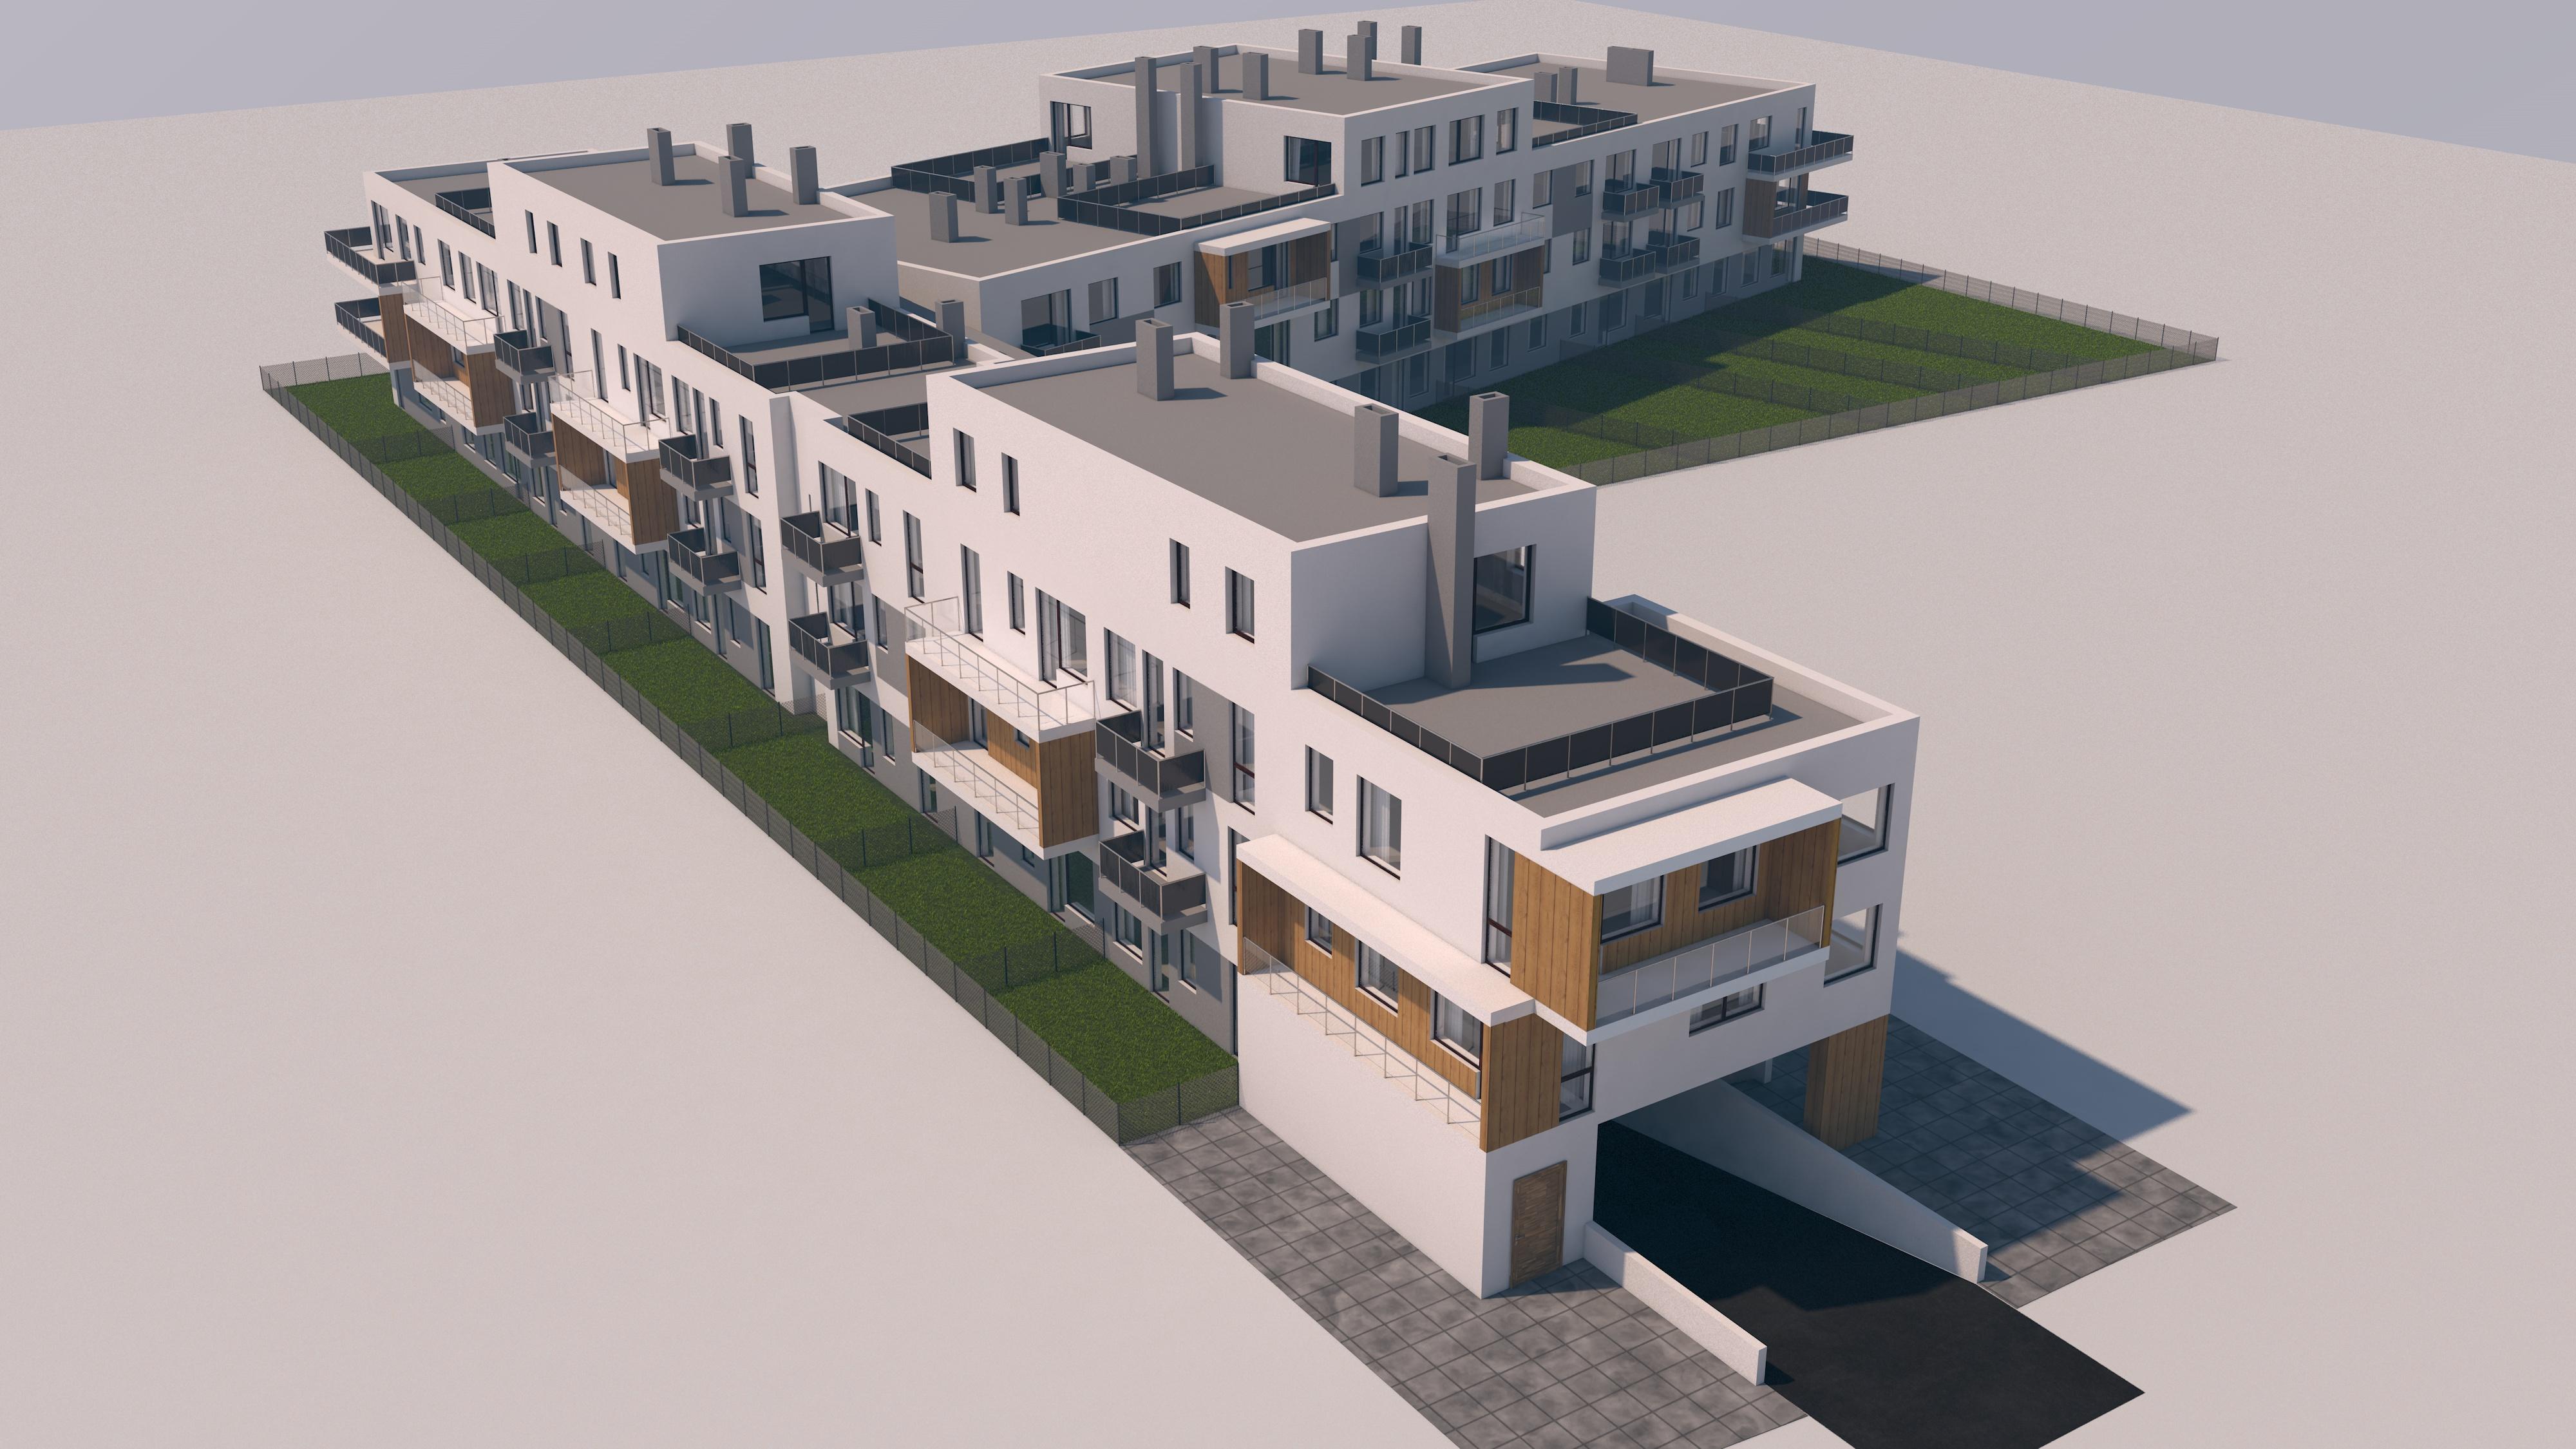 Wizualizacja urbanistyczna obiektu mieszkalnego wielorodzinnego